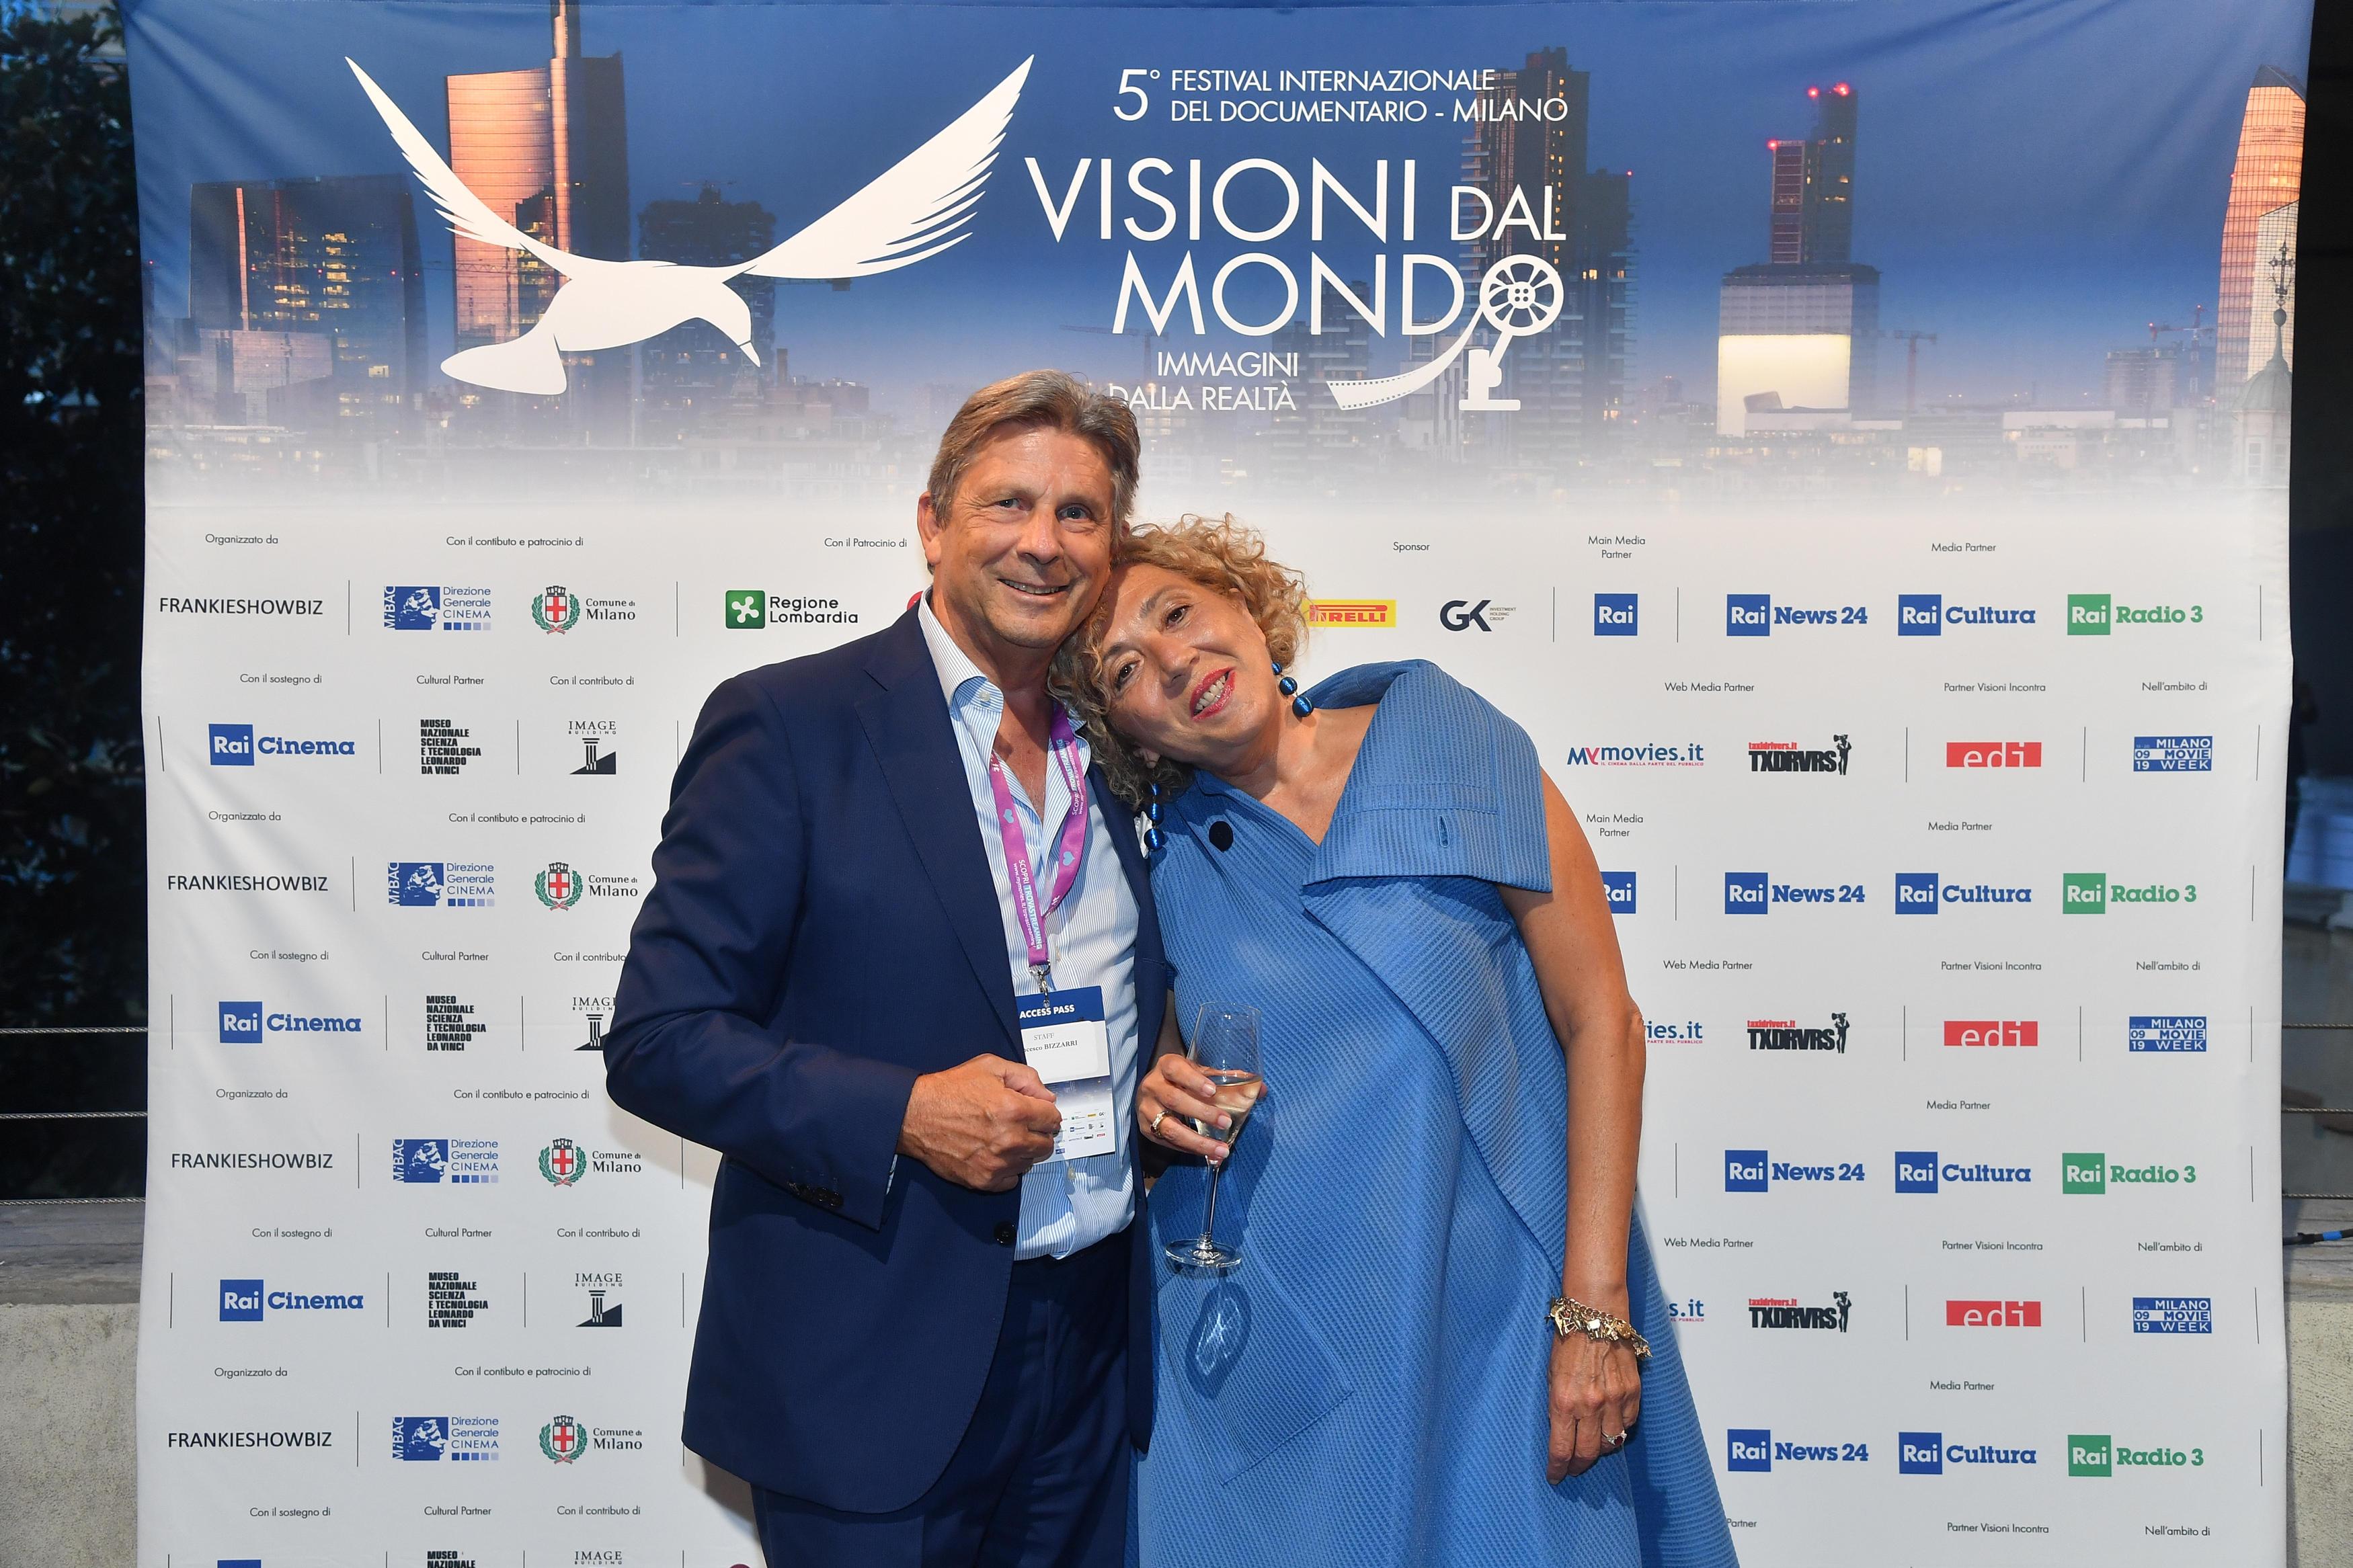 Francesco Bizzarri, Fondatore e Direttore del 5° Festival Internazionale del Documentario Visioni dal Mondo, Immagini dalla Realtà con Claudia Fellus